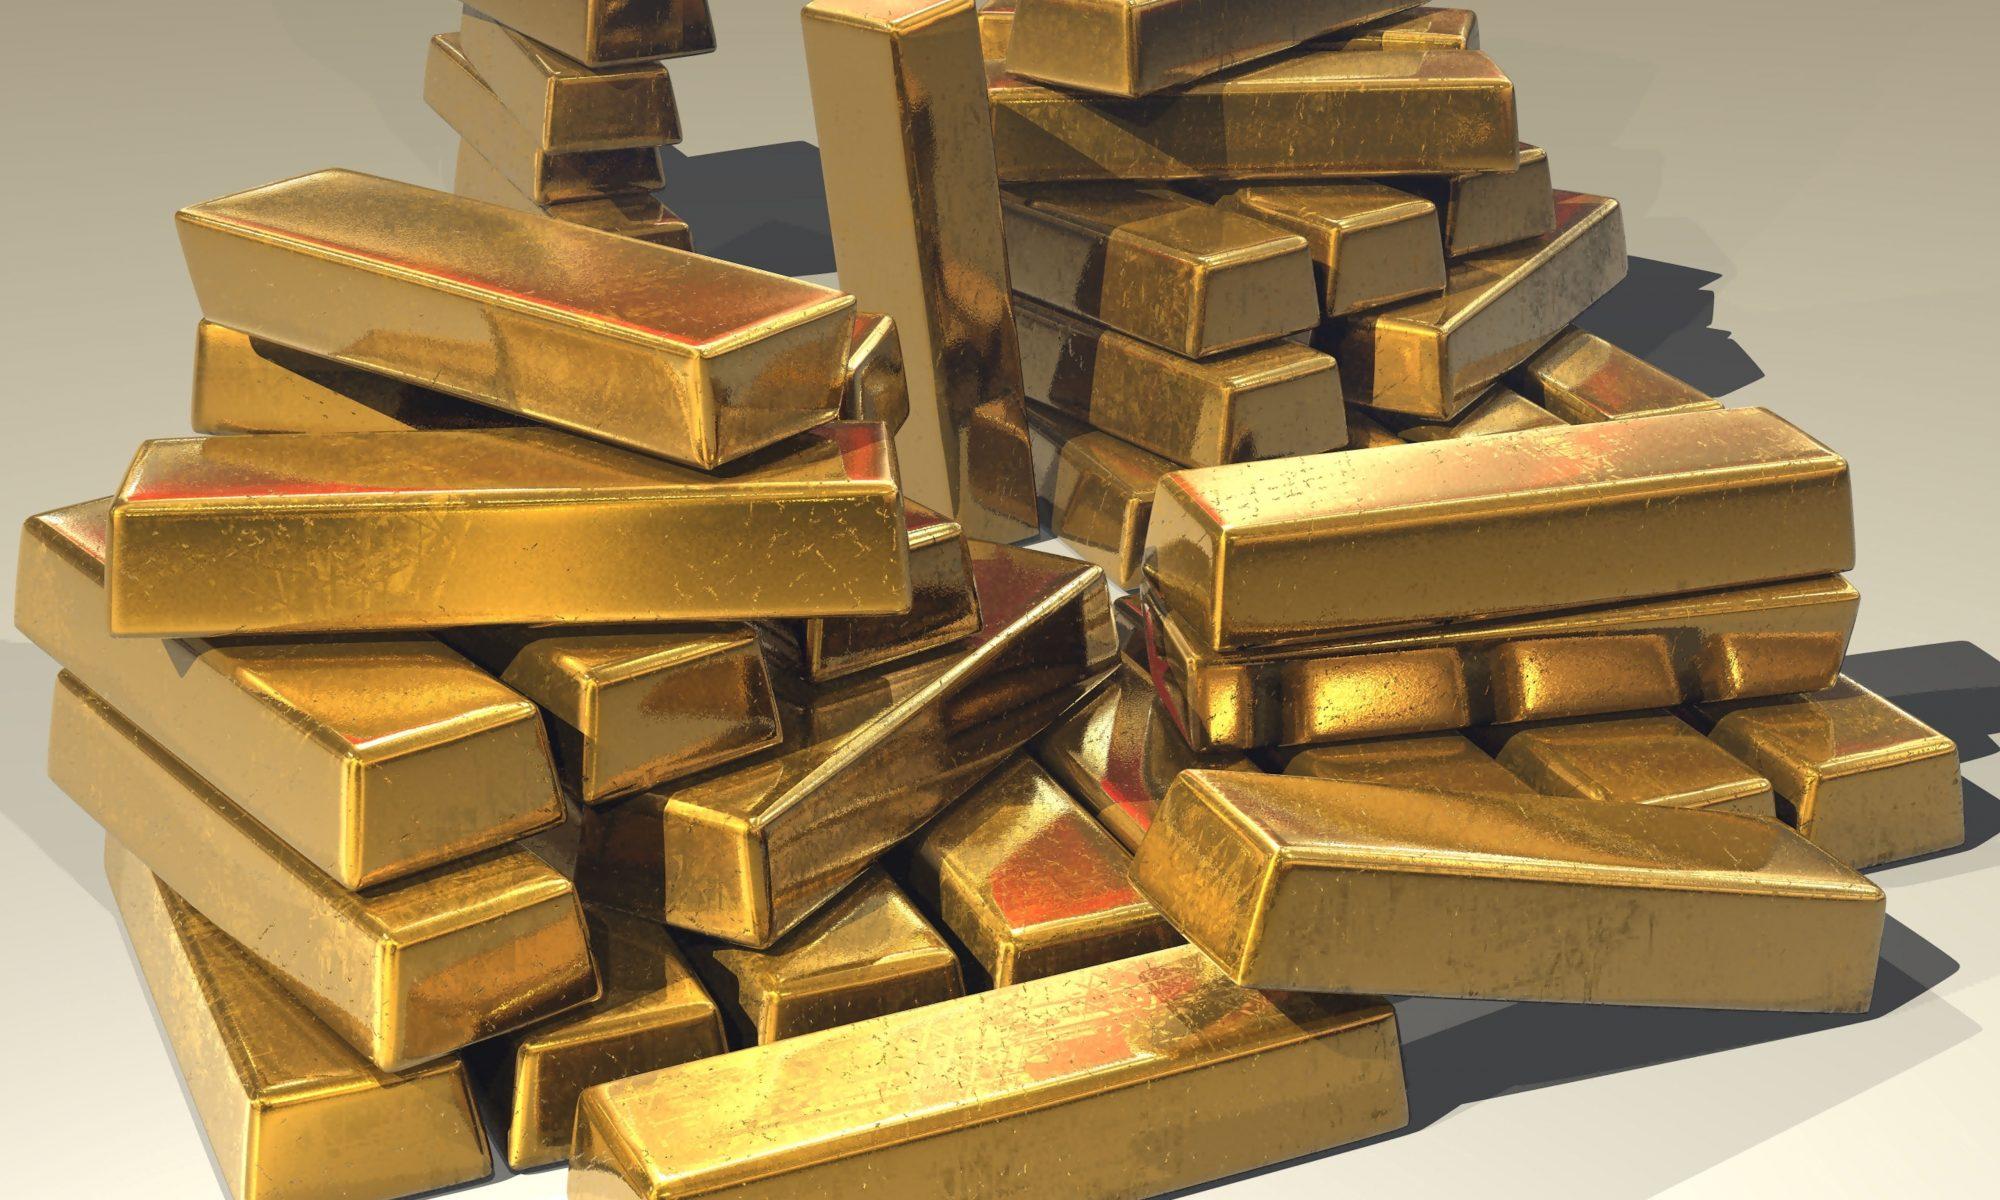 แหล่งกำเนินทองคำ